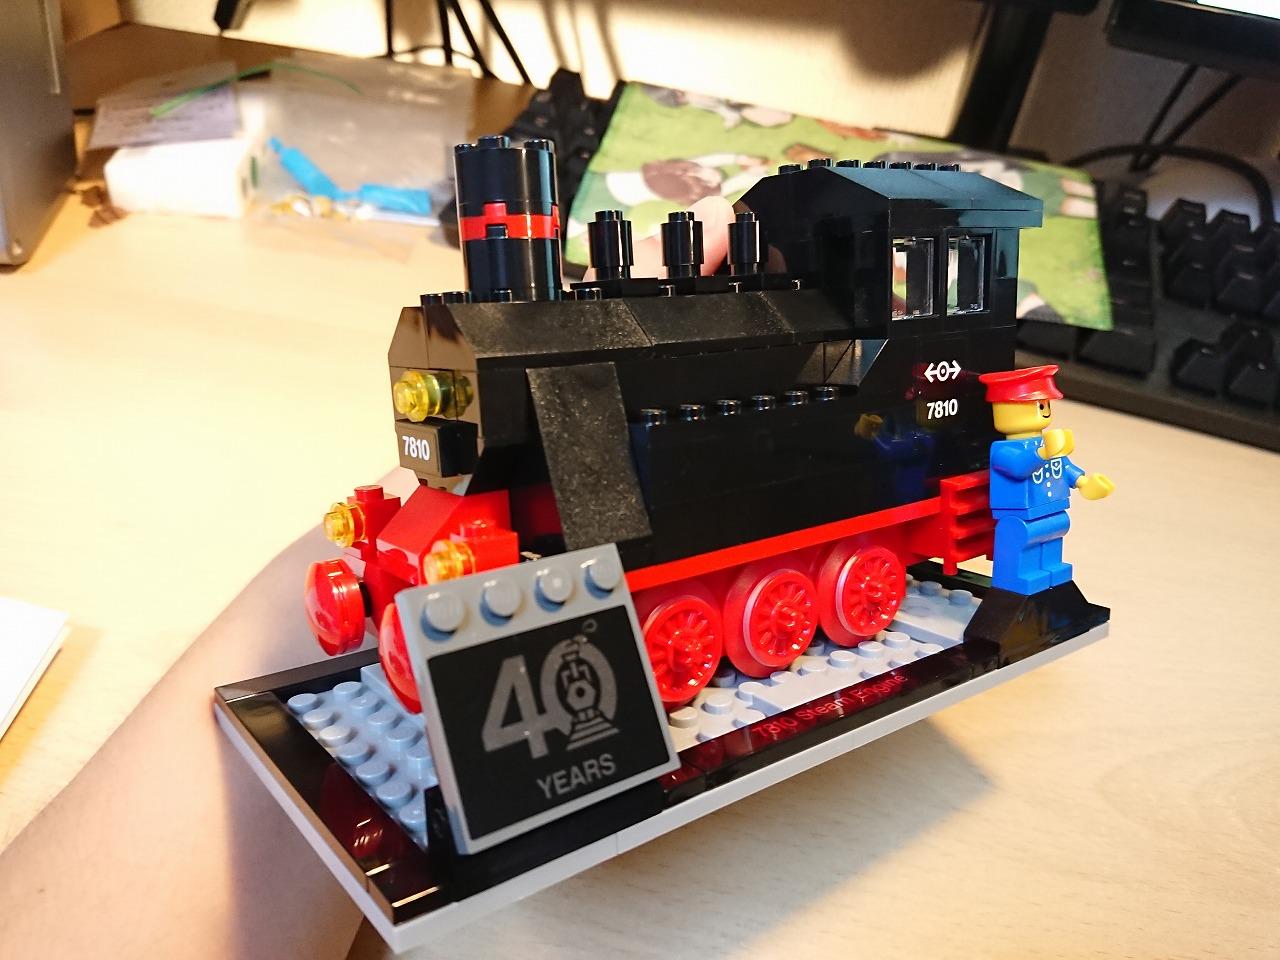 レゴ(LEGO) 40周年限定 40370 Steam Engine を作ってみた